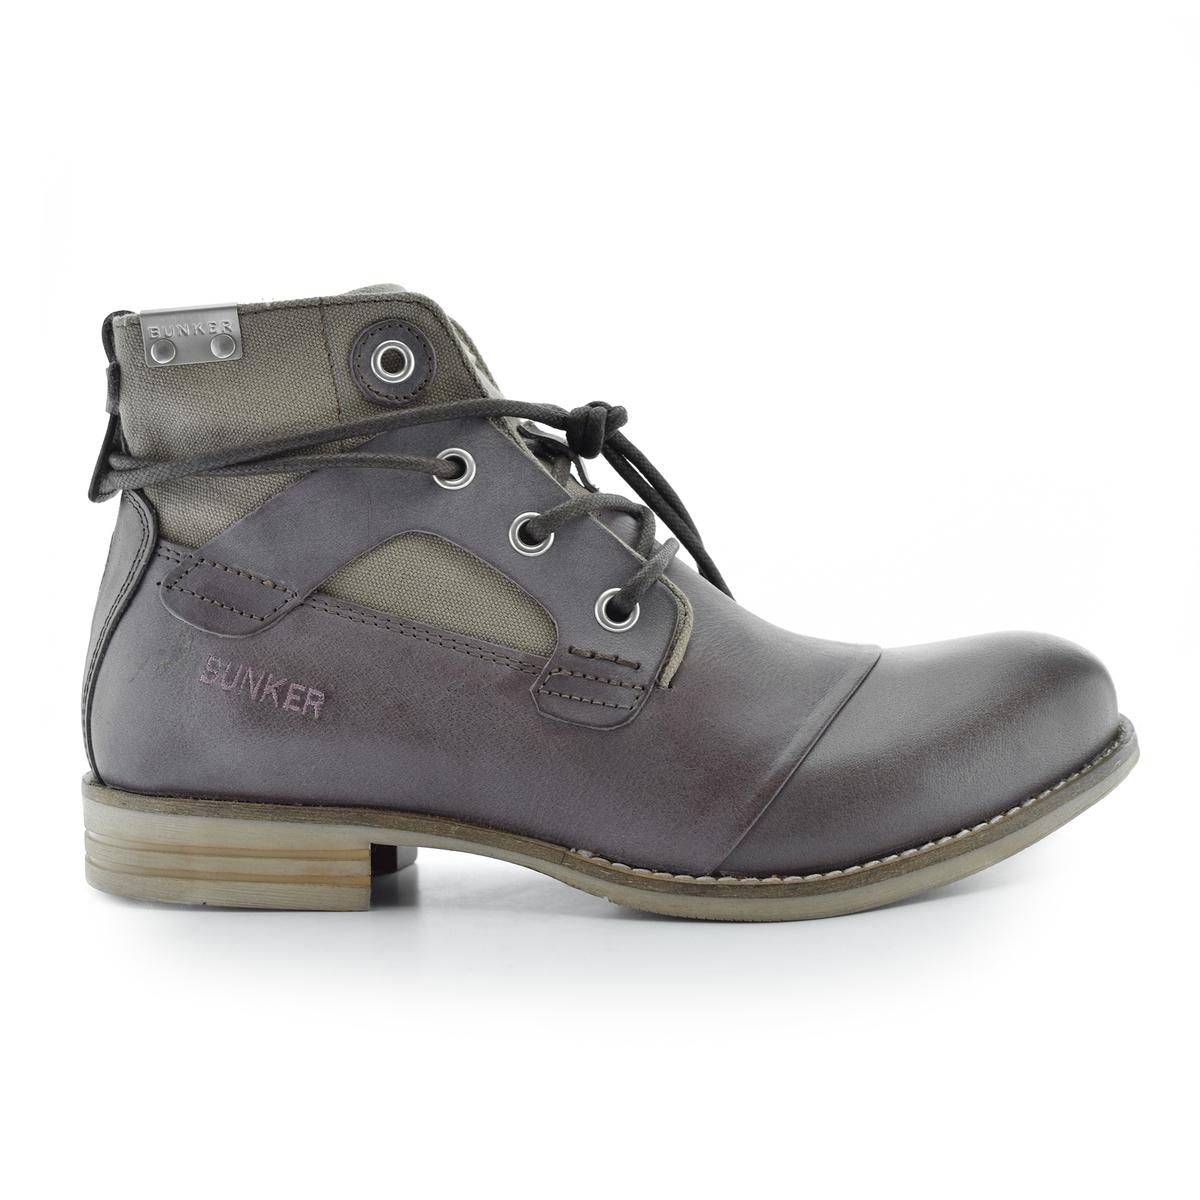 Ботильоны кожаные на шнуровке Yon ботильоны кожаные на шнуровке baltimore mid